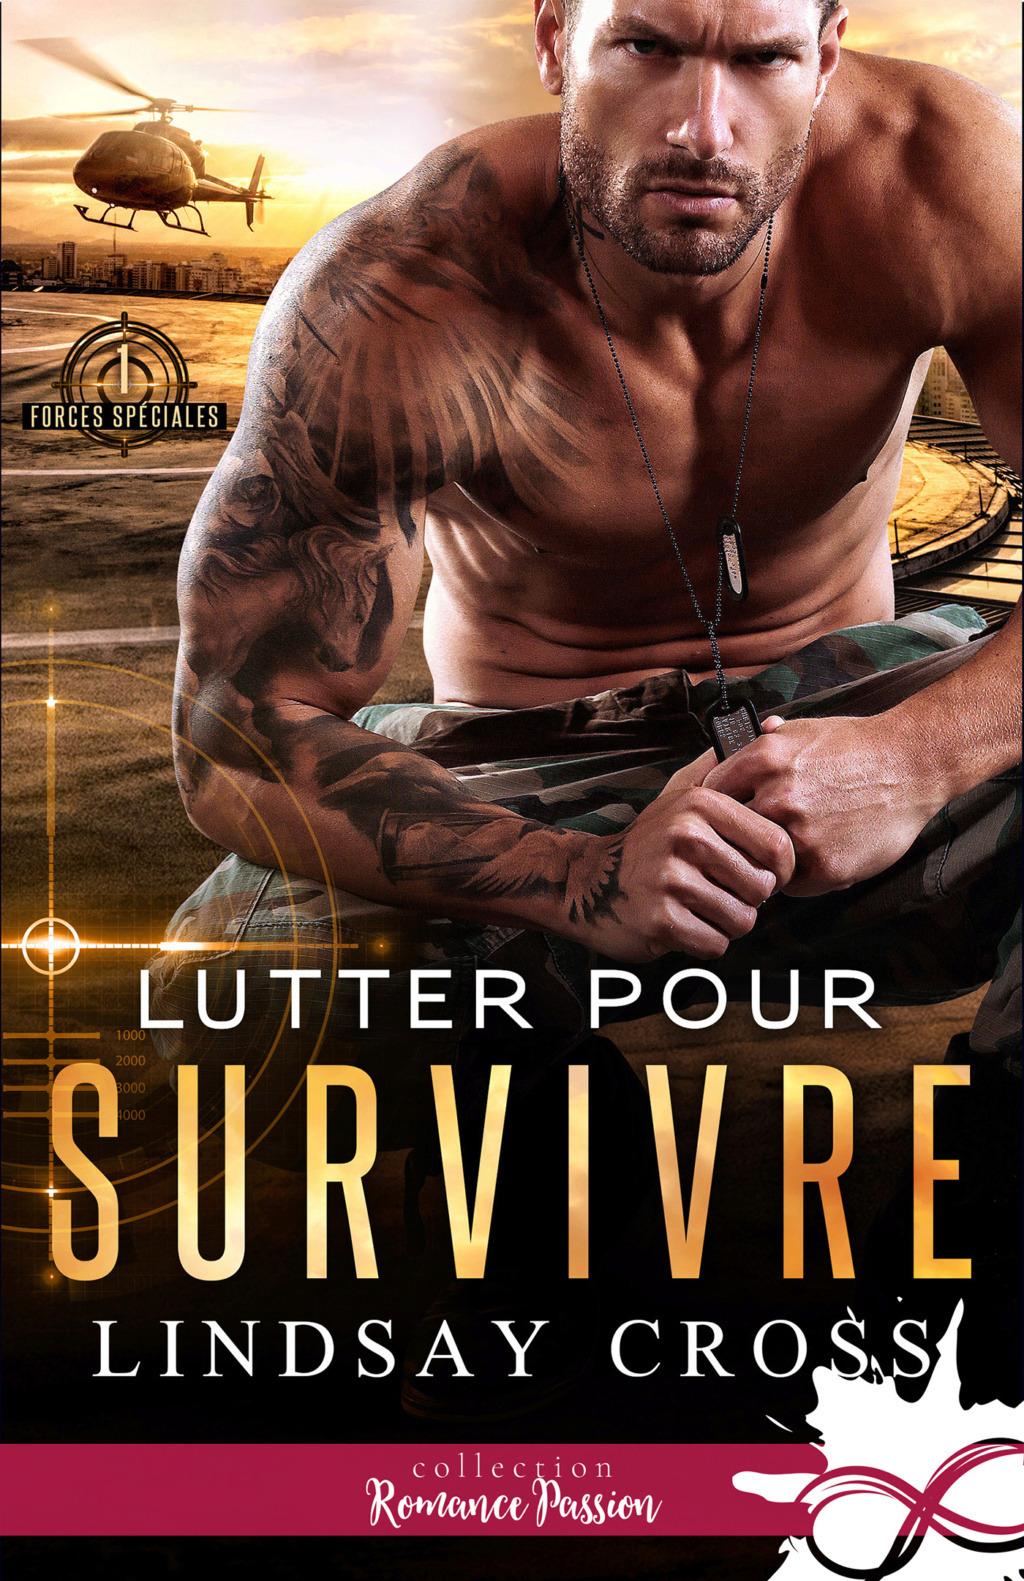 Forces spéciales - Tome 1 : Lutter pour survivre de Lindsay Cross 541f5c10